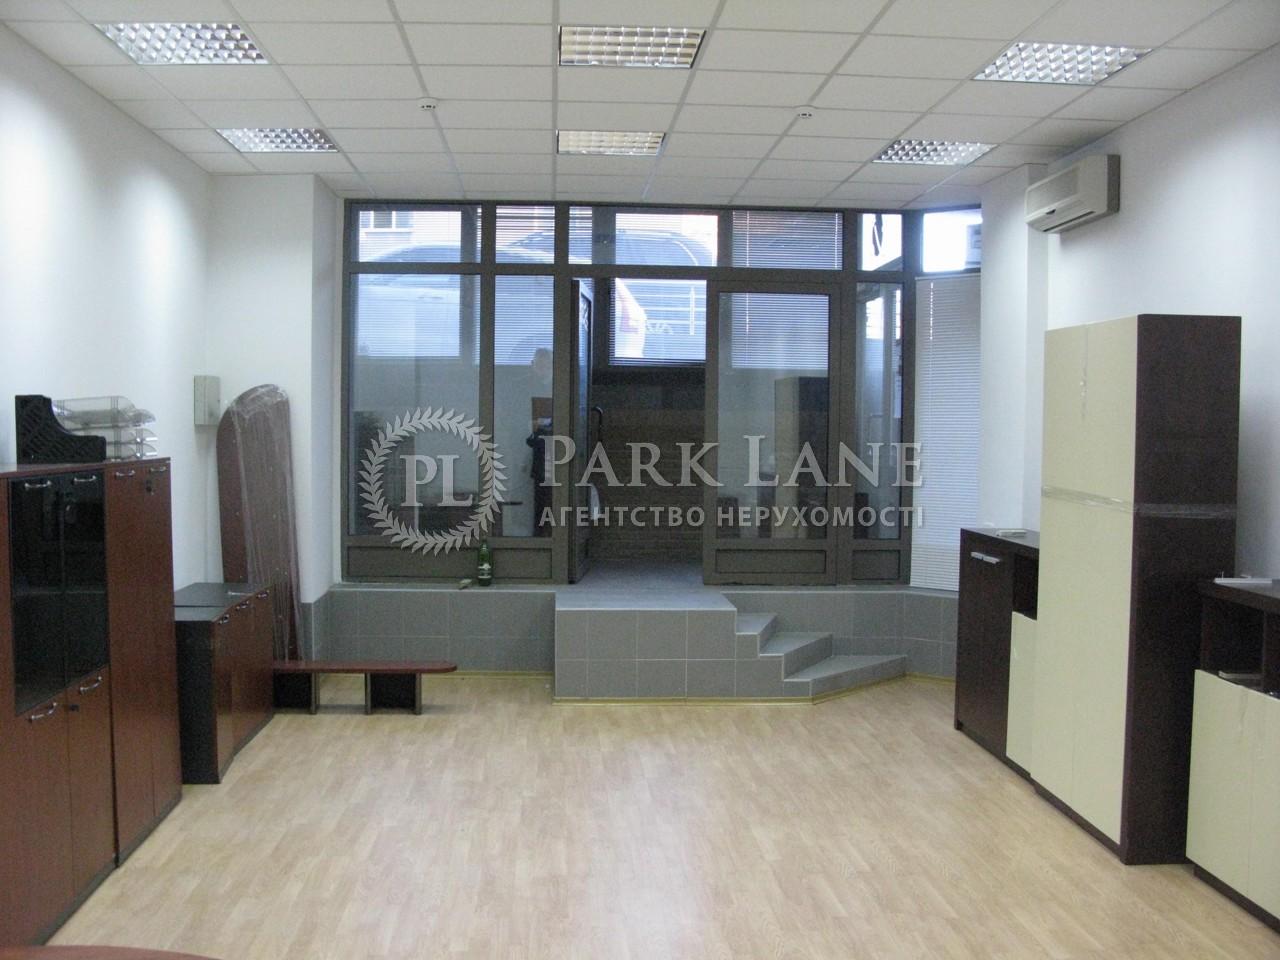 Нежилое помещение, ул. Владимирская, Киев, Z-450564 - Фото 5